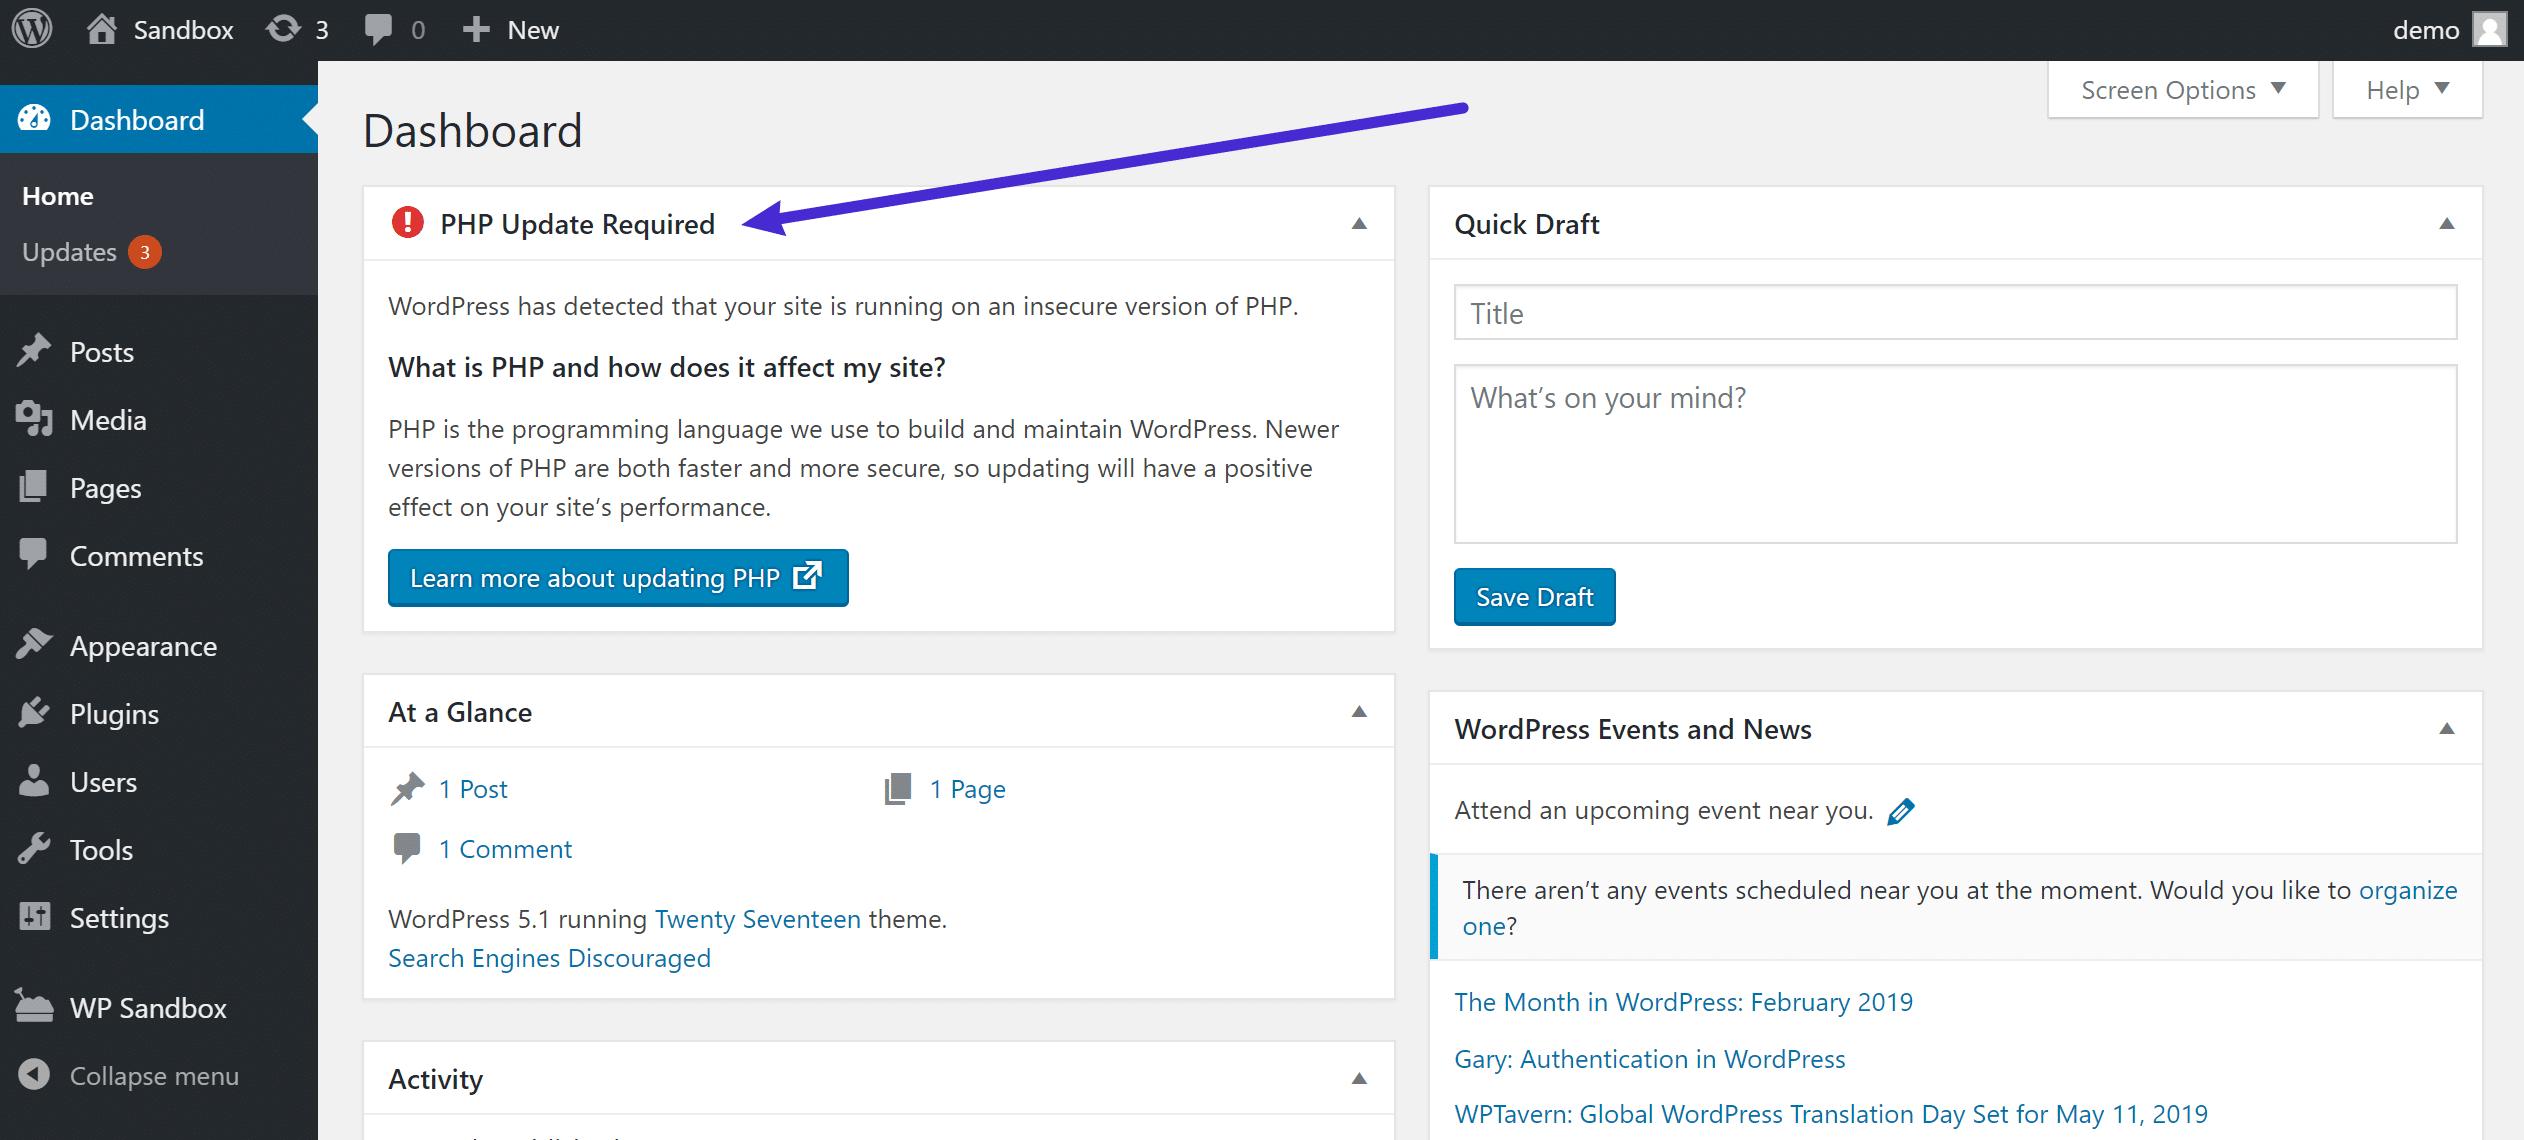 Richiesta di aggiornamento della versione di PHP di WordPress